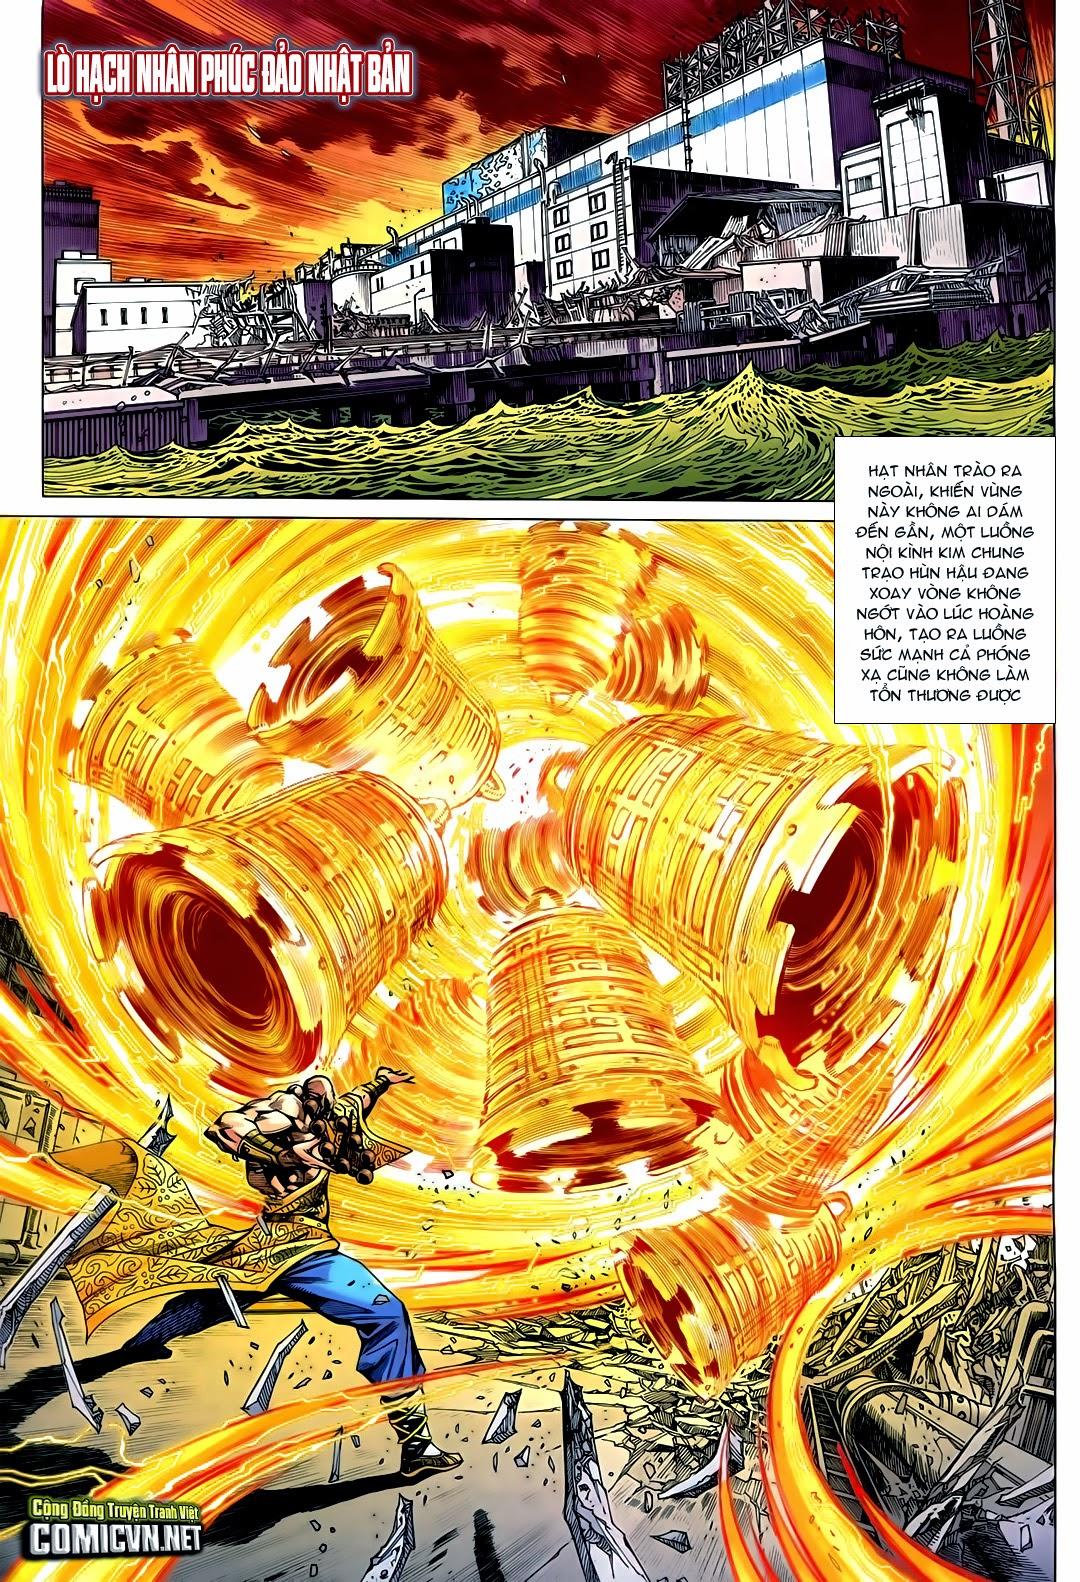 Tân Tác Long Hổ Môn chap 730 - Trang 29